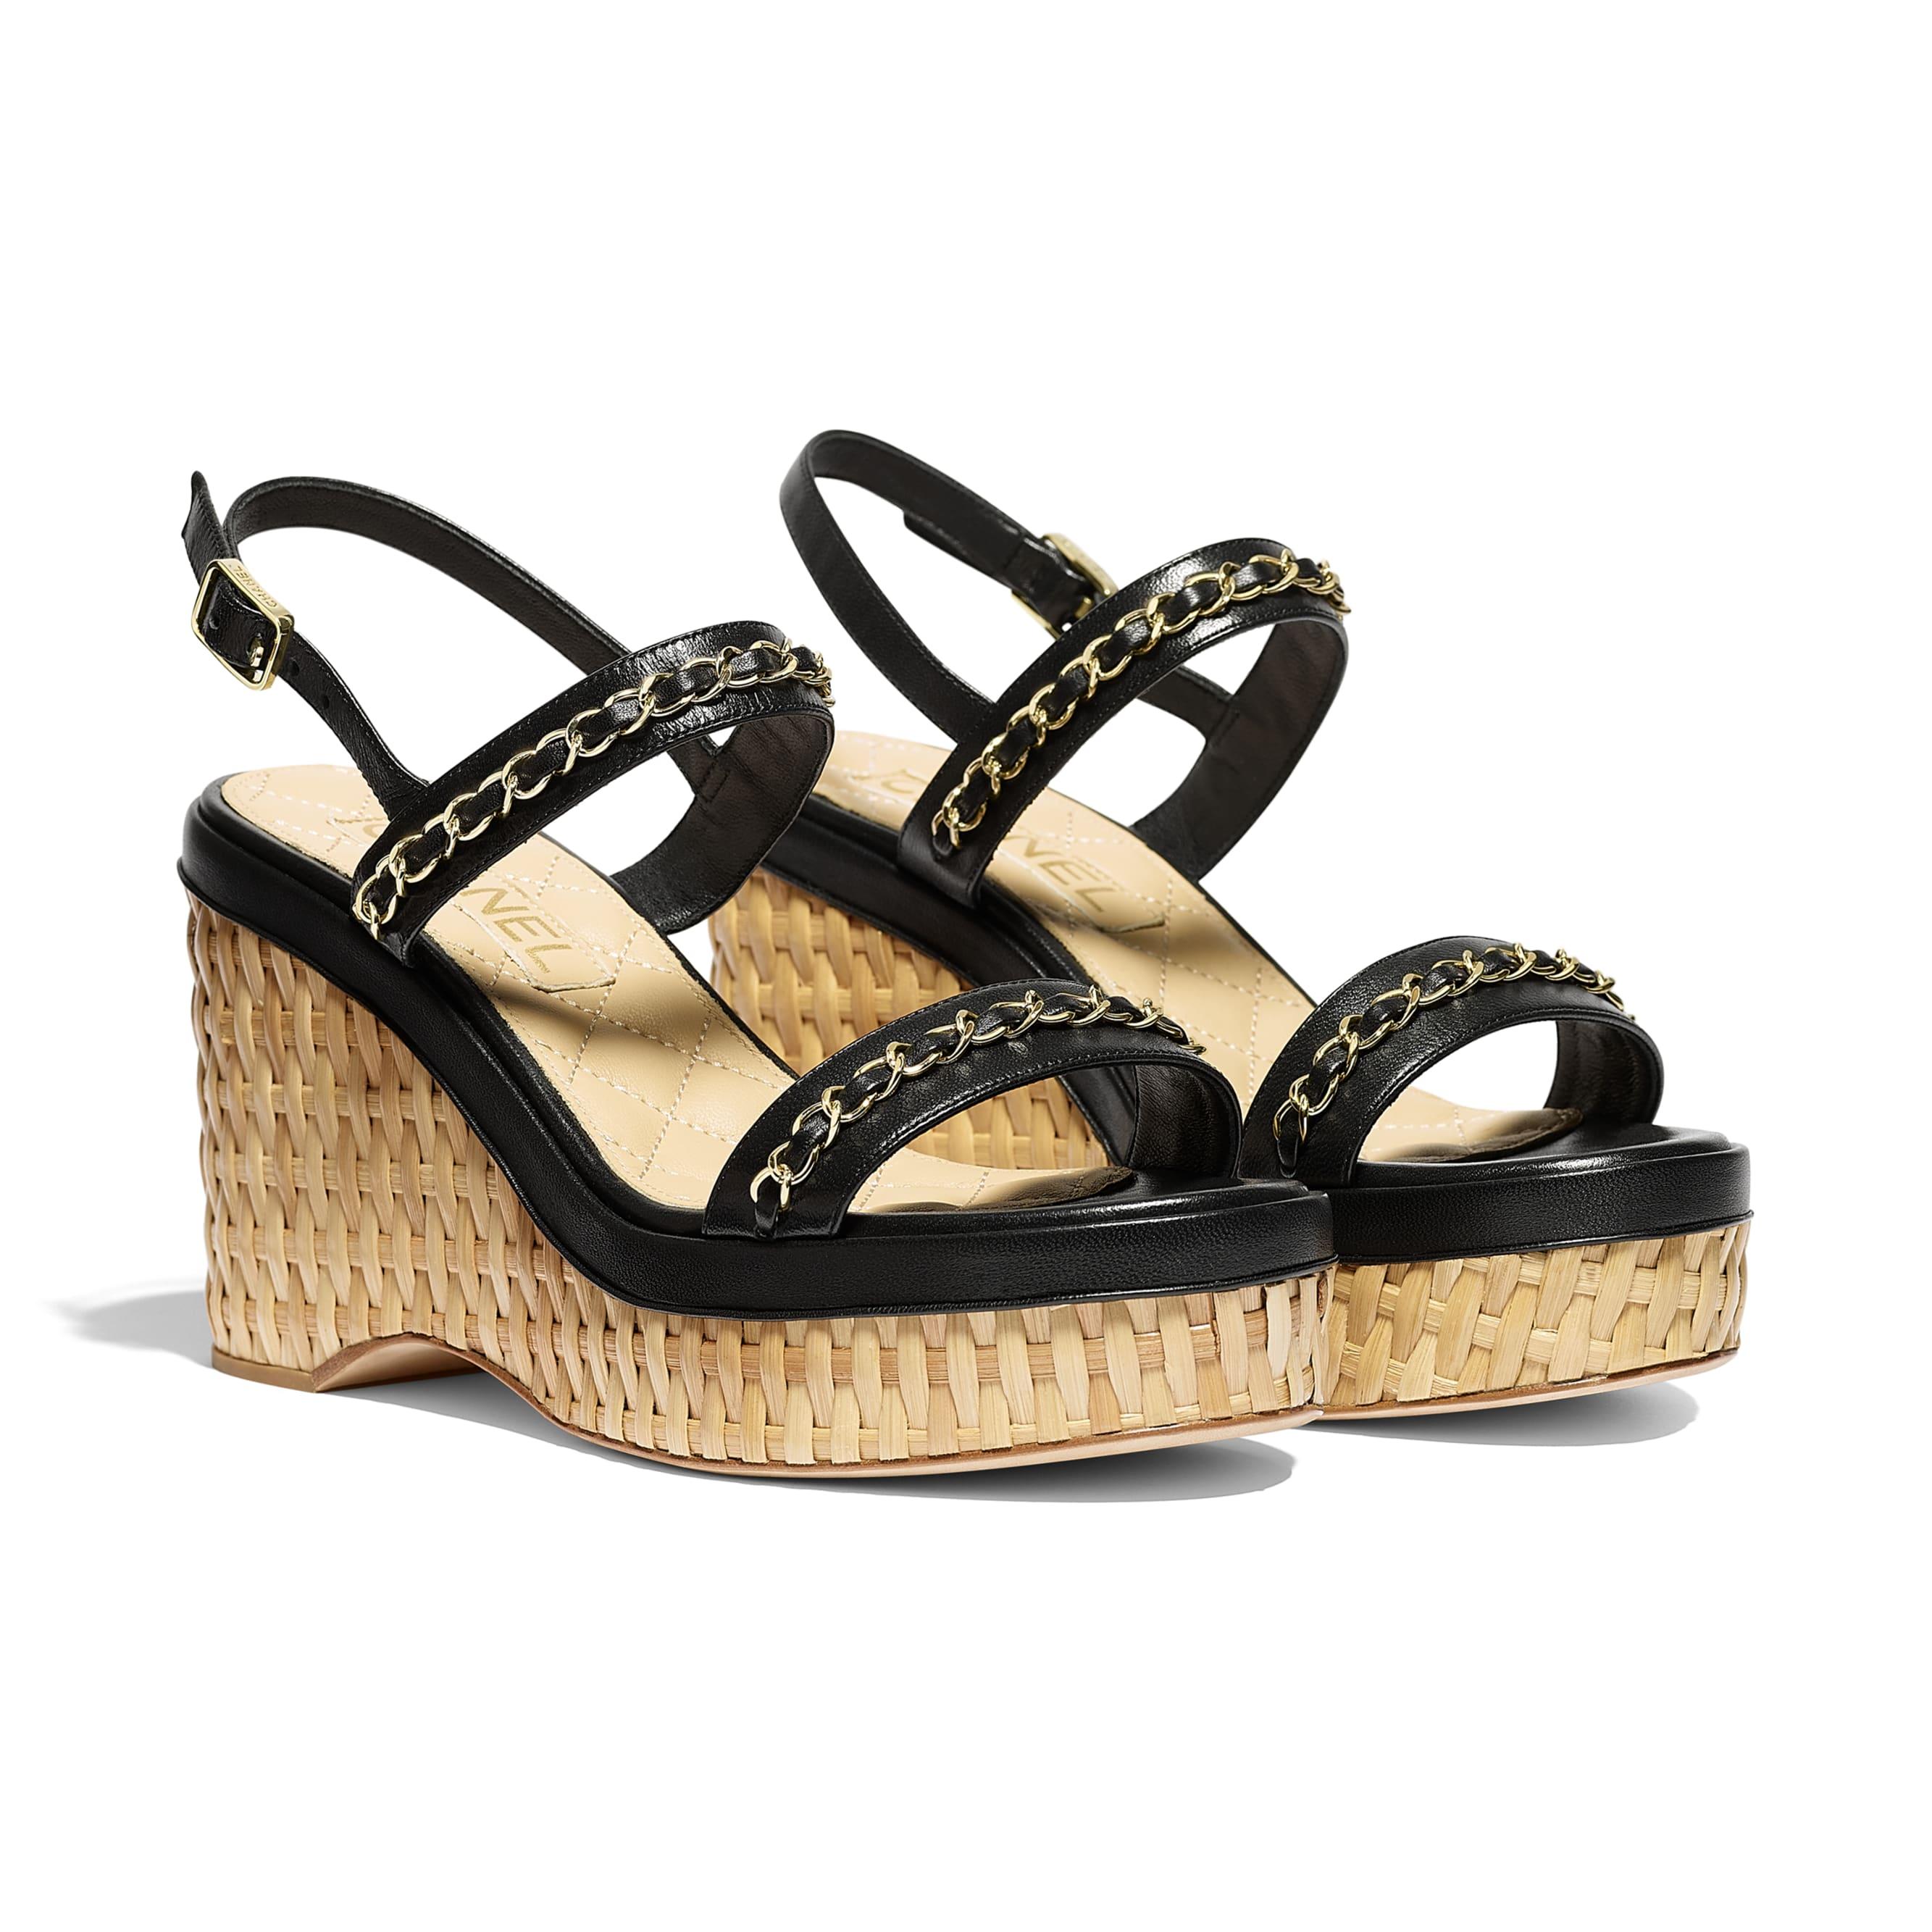 涼鞋 - 黑 - 小羊皮 - 替代視圖 - 查看標準尺寸版本